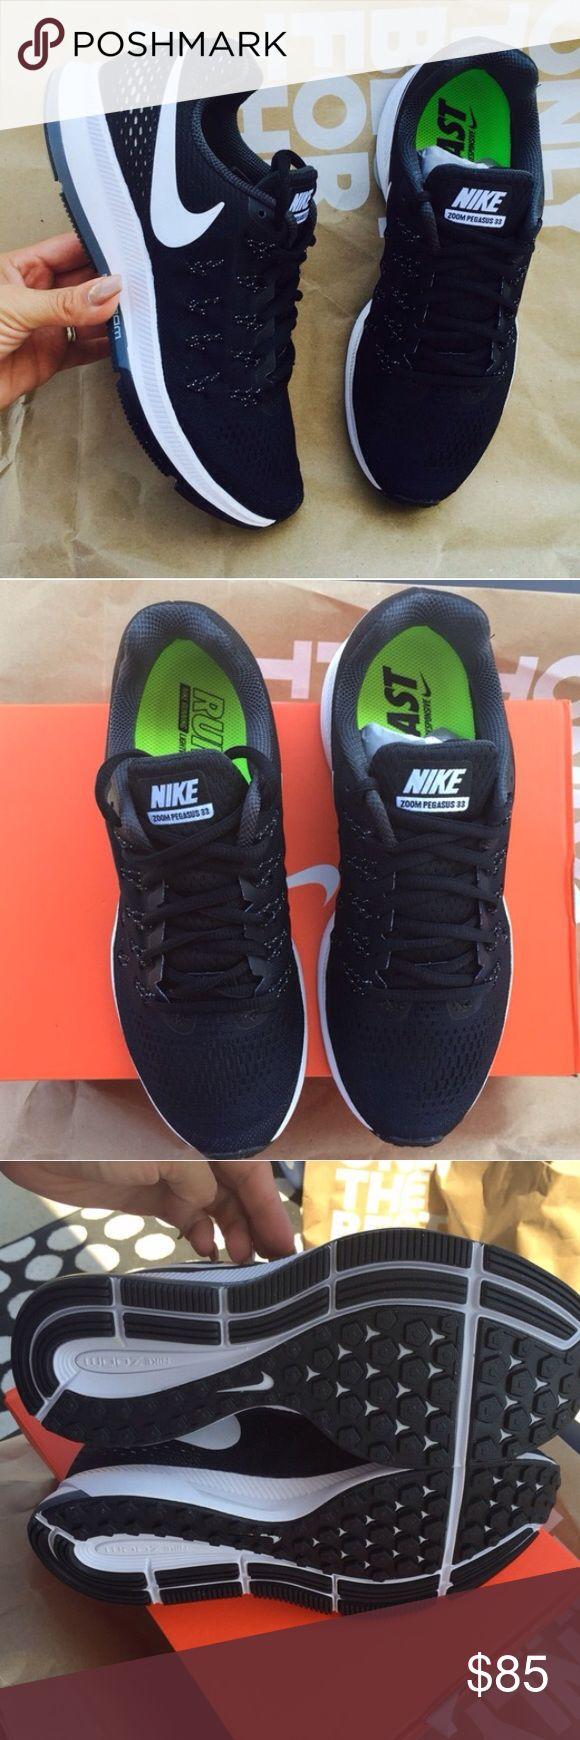 NIKE ORIGINAL ZOOM PEGASUS Sz 8 NEW NIKE ORIGINAL ZOOM PEGASUS Sz 8 NEW PRICE IS FIRM ****** Nike Shoes